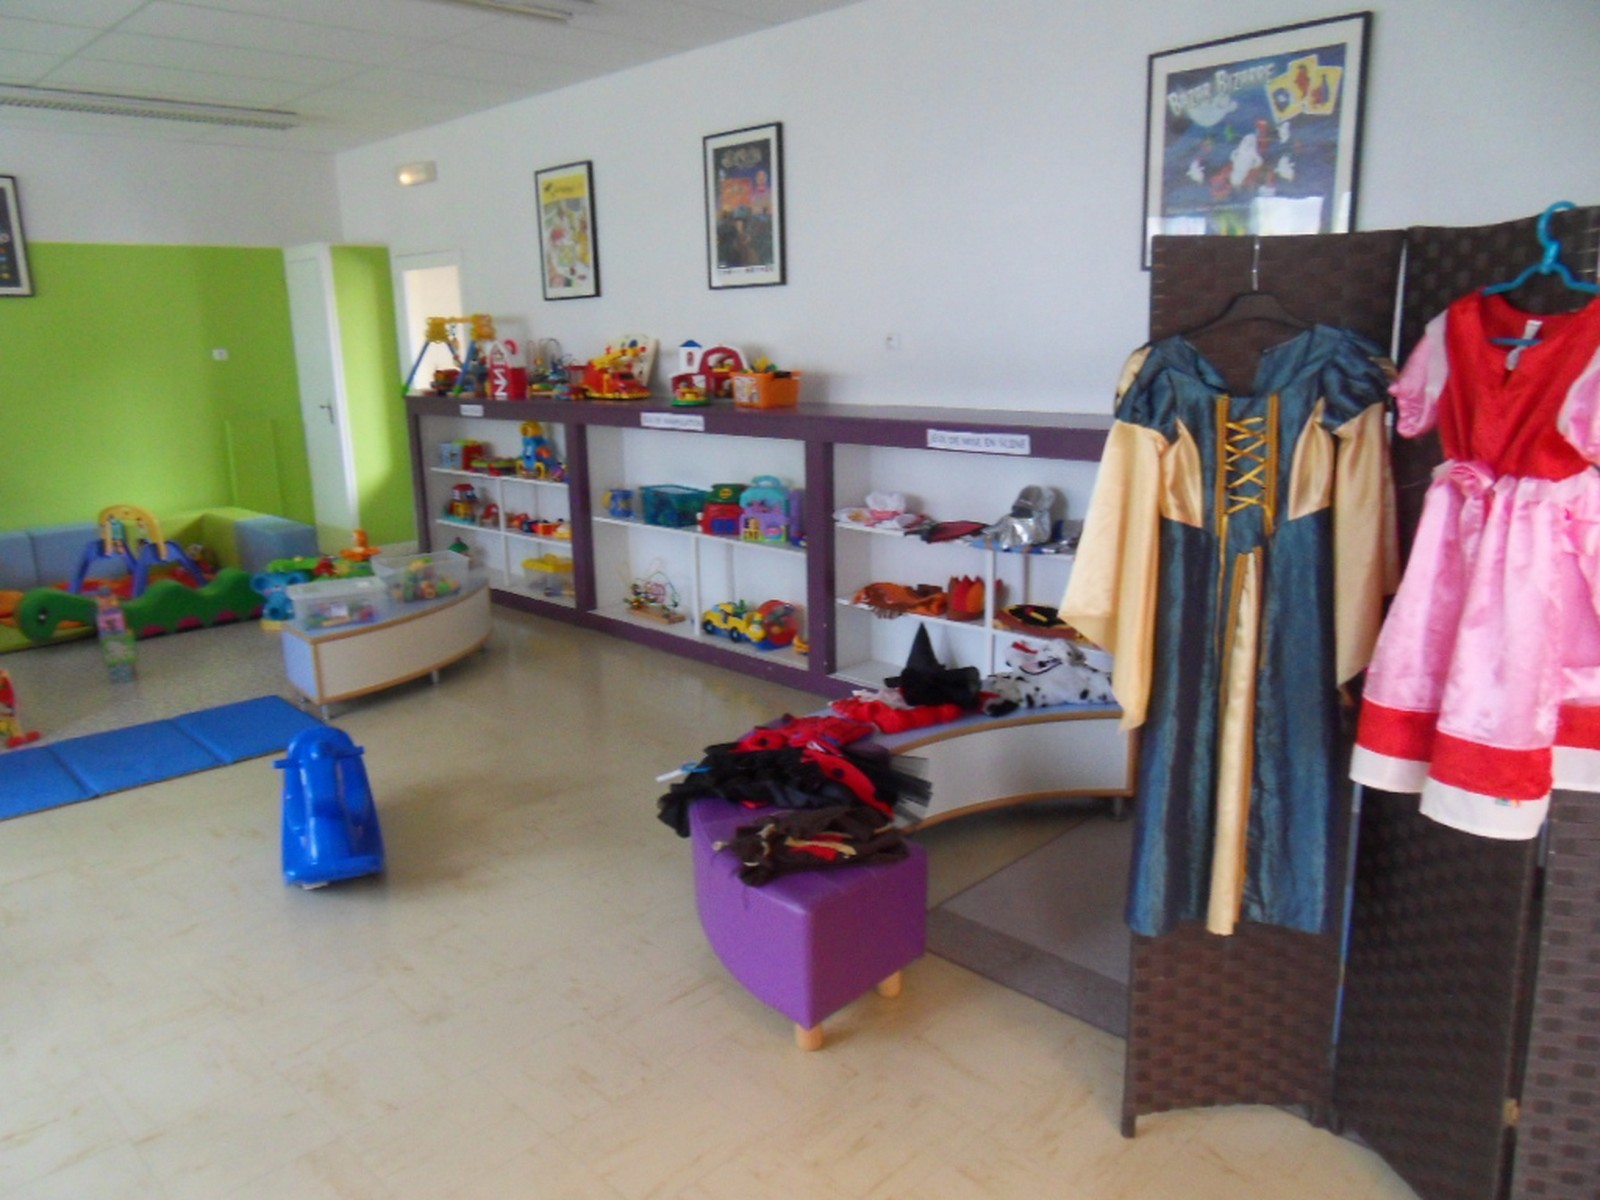 une petite boutique d'habits